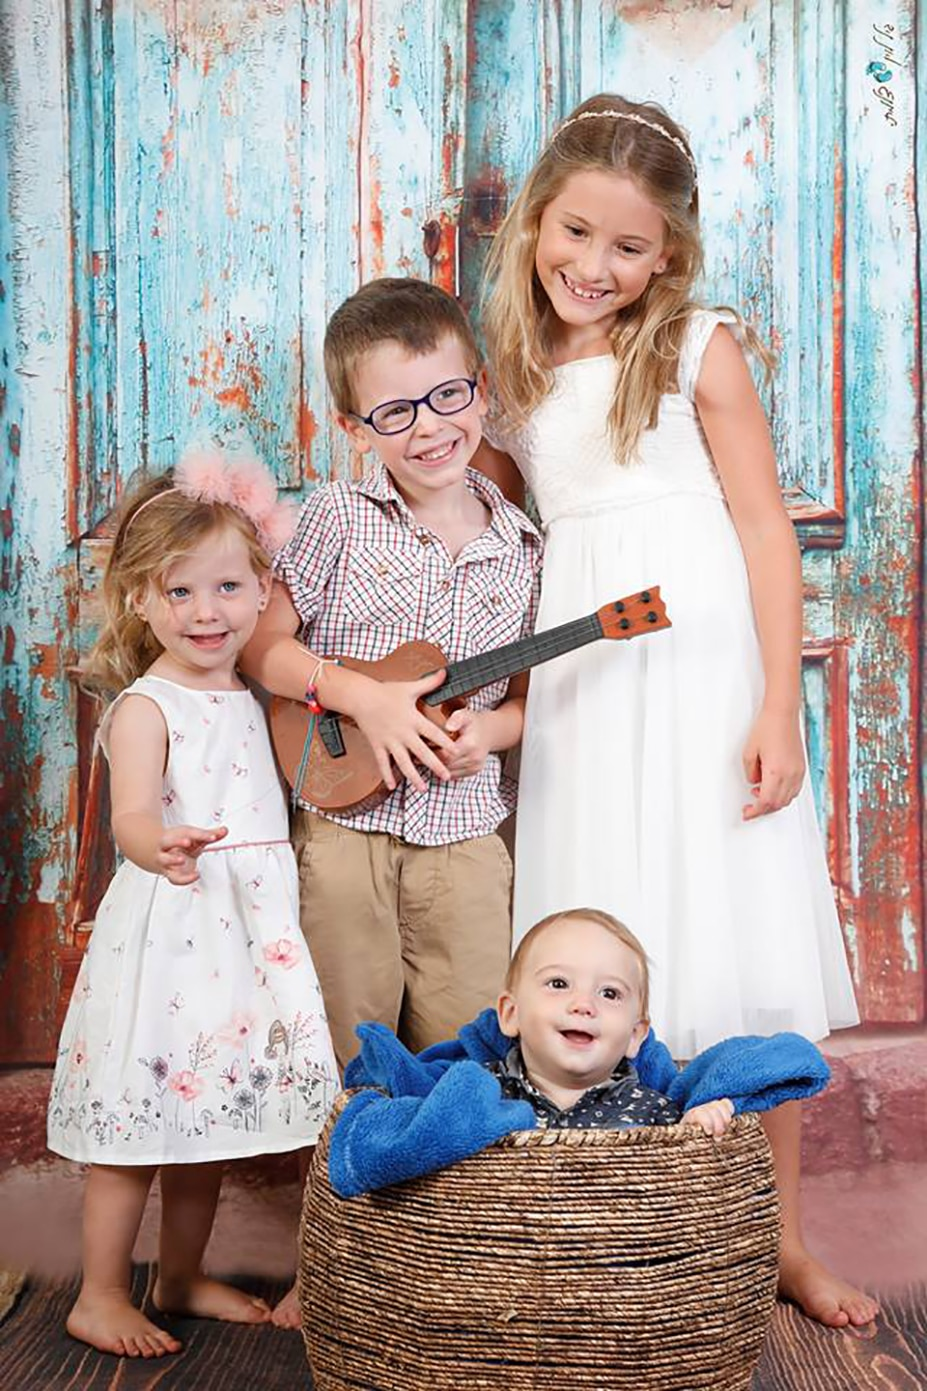 משפחת קרקובר - סטודיו גיל לוין (8)